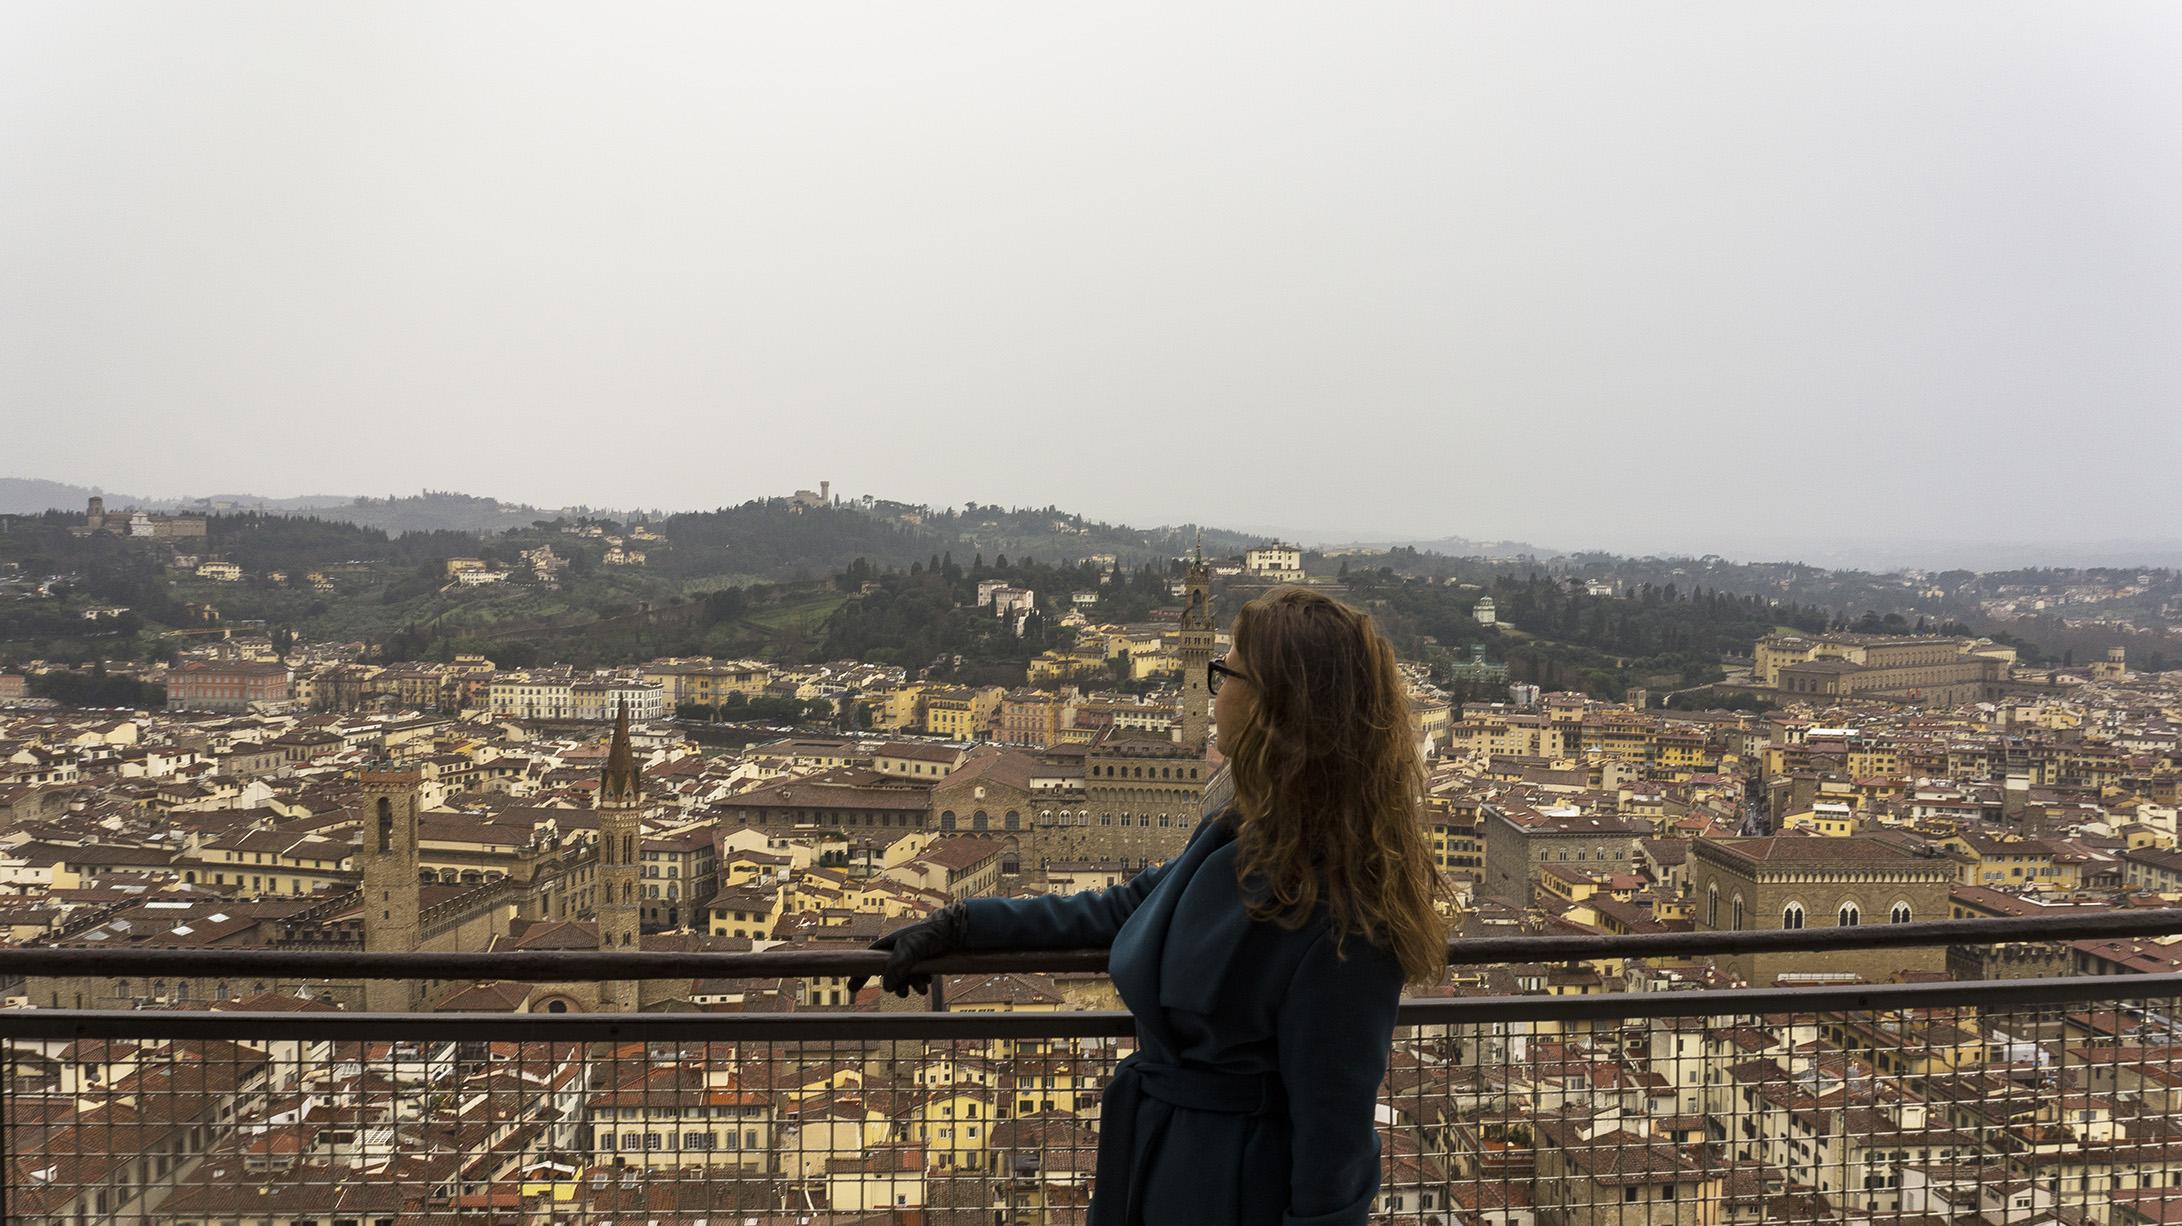 Достопримечательности Флоренции: Смотровая купола Санта-Мария-Дель-Фьоре